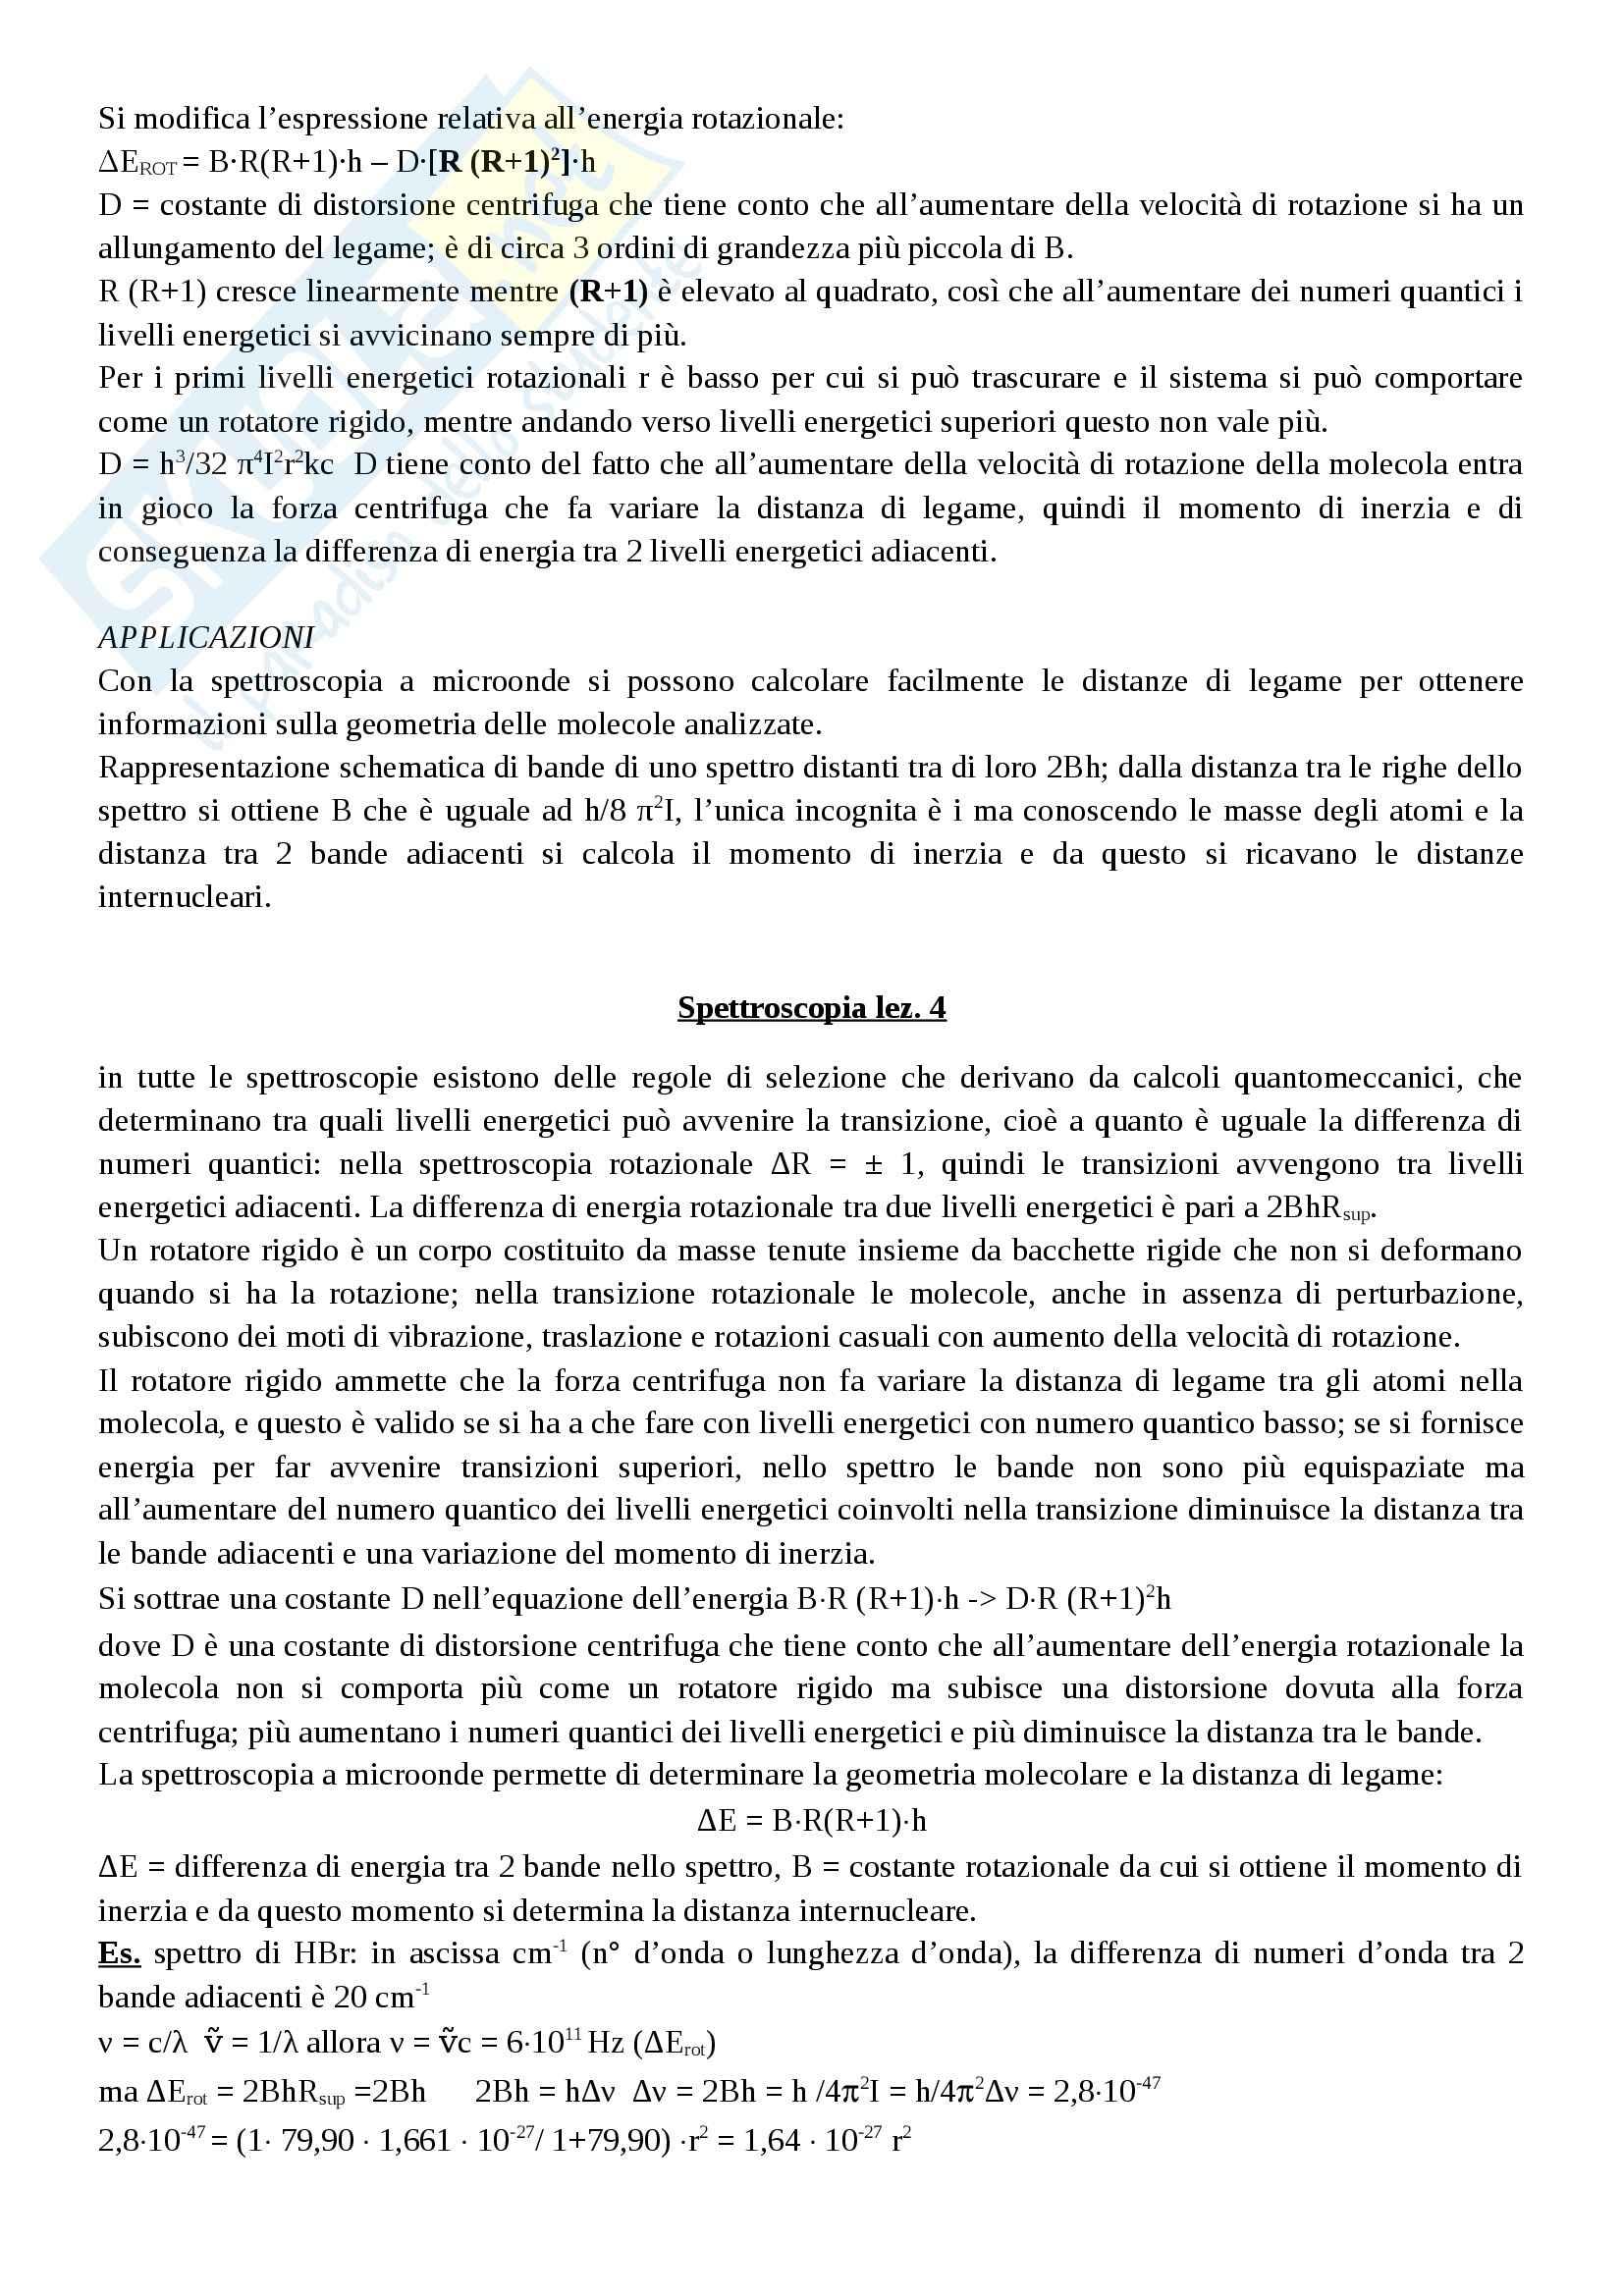 Spettroscopia - Appunti Pag. 11